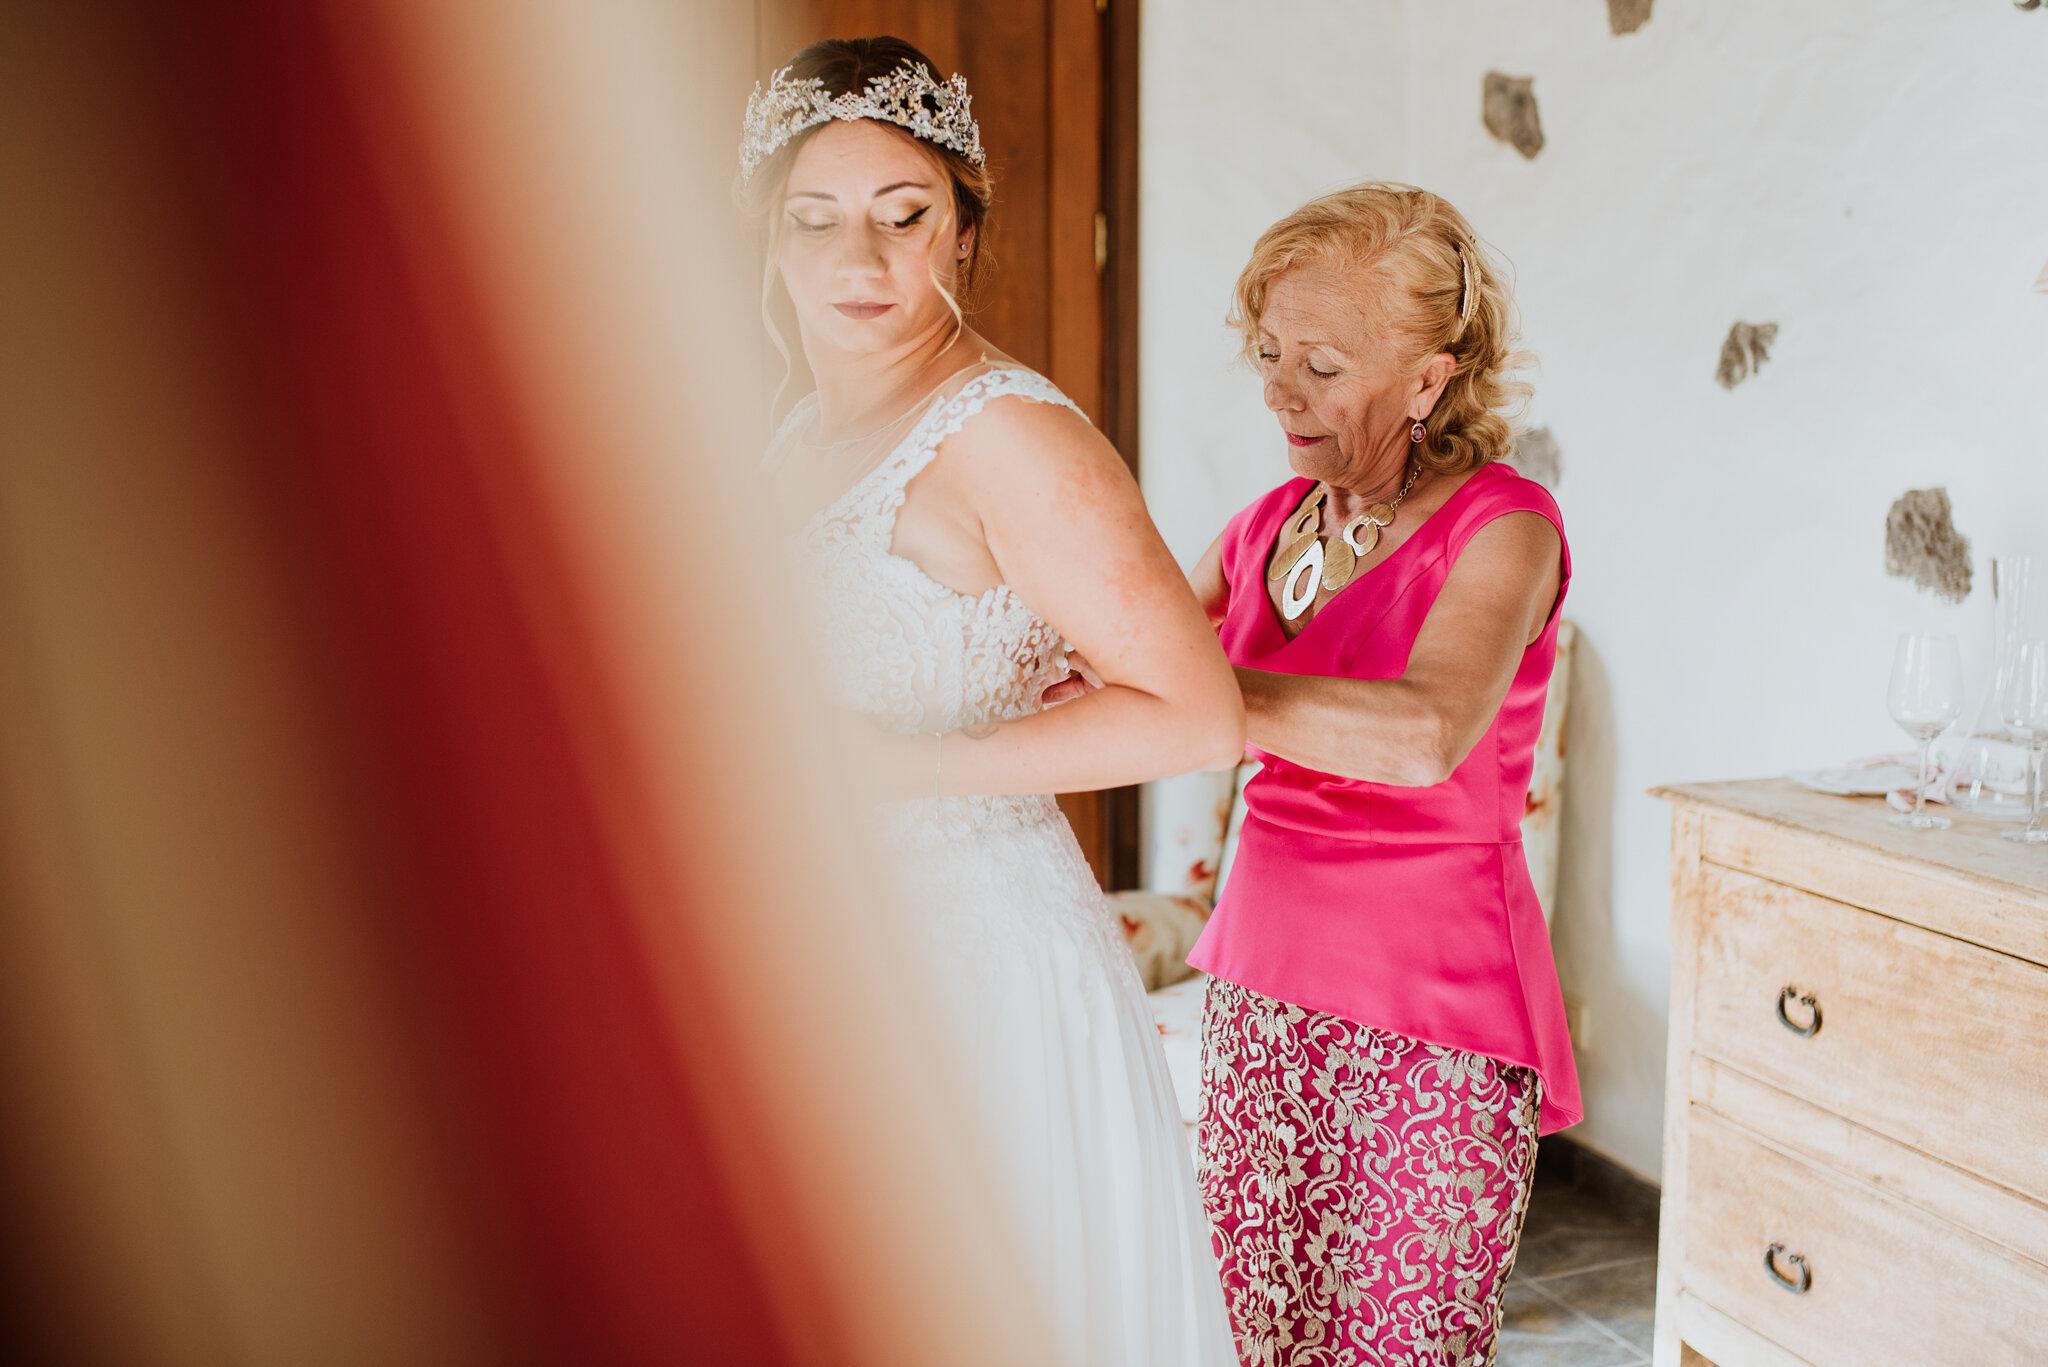 fotografo de bodas las palmas_-32.jpg